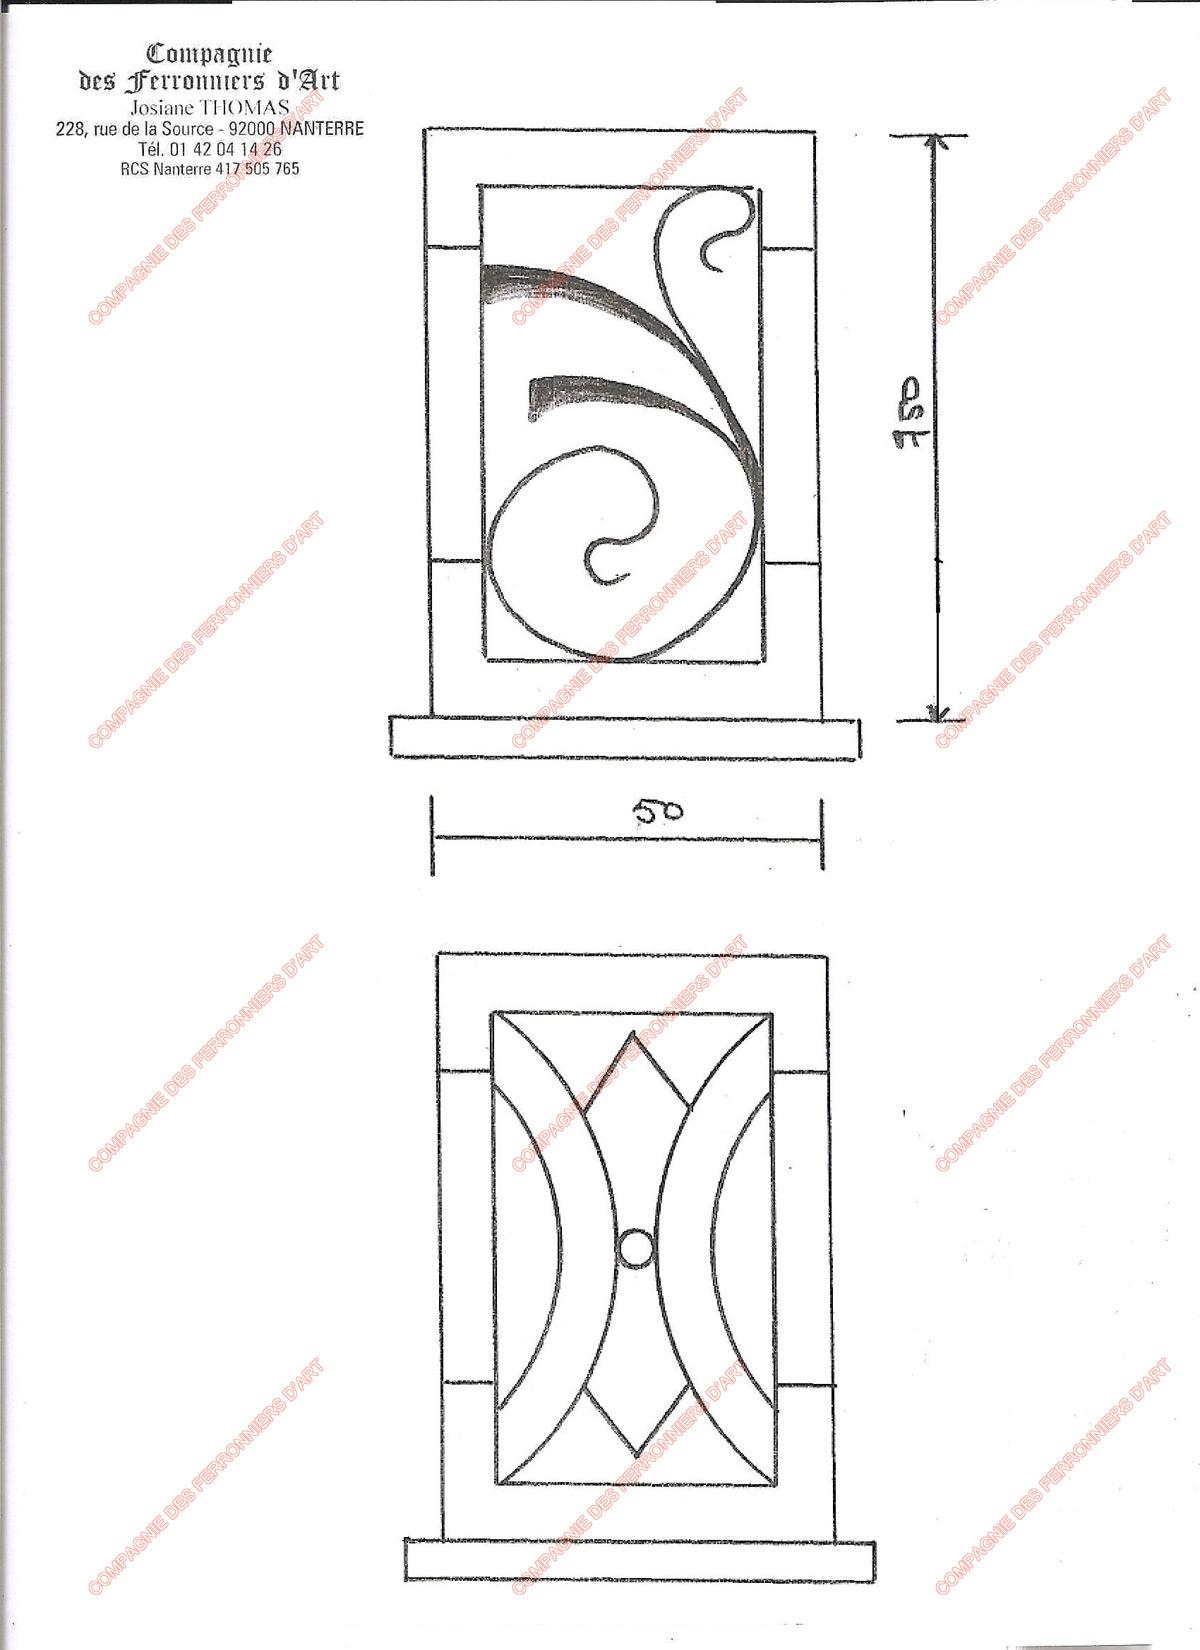 grilles en fer forg de d fense modernes mod le gdm02. Black Bedroom Furniture Sets. Home Design Ideas